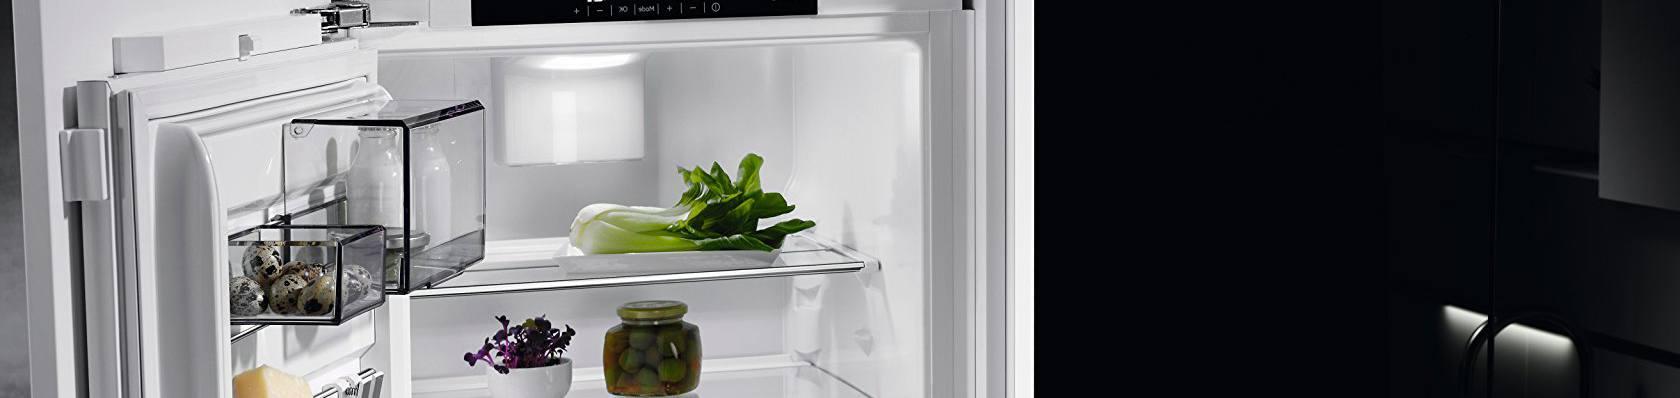 Einbaukühlschränke mit Gefrierfach im Test auf ExpertenTesten.de